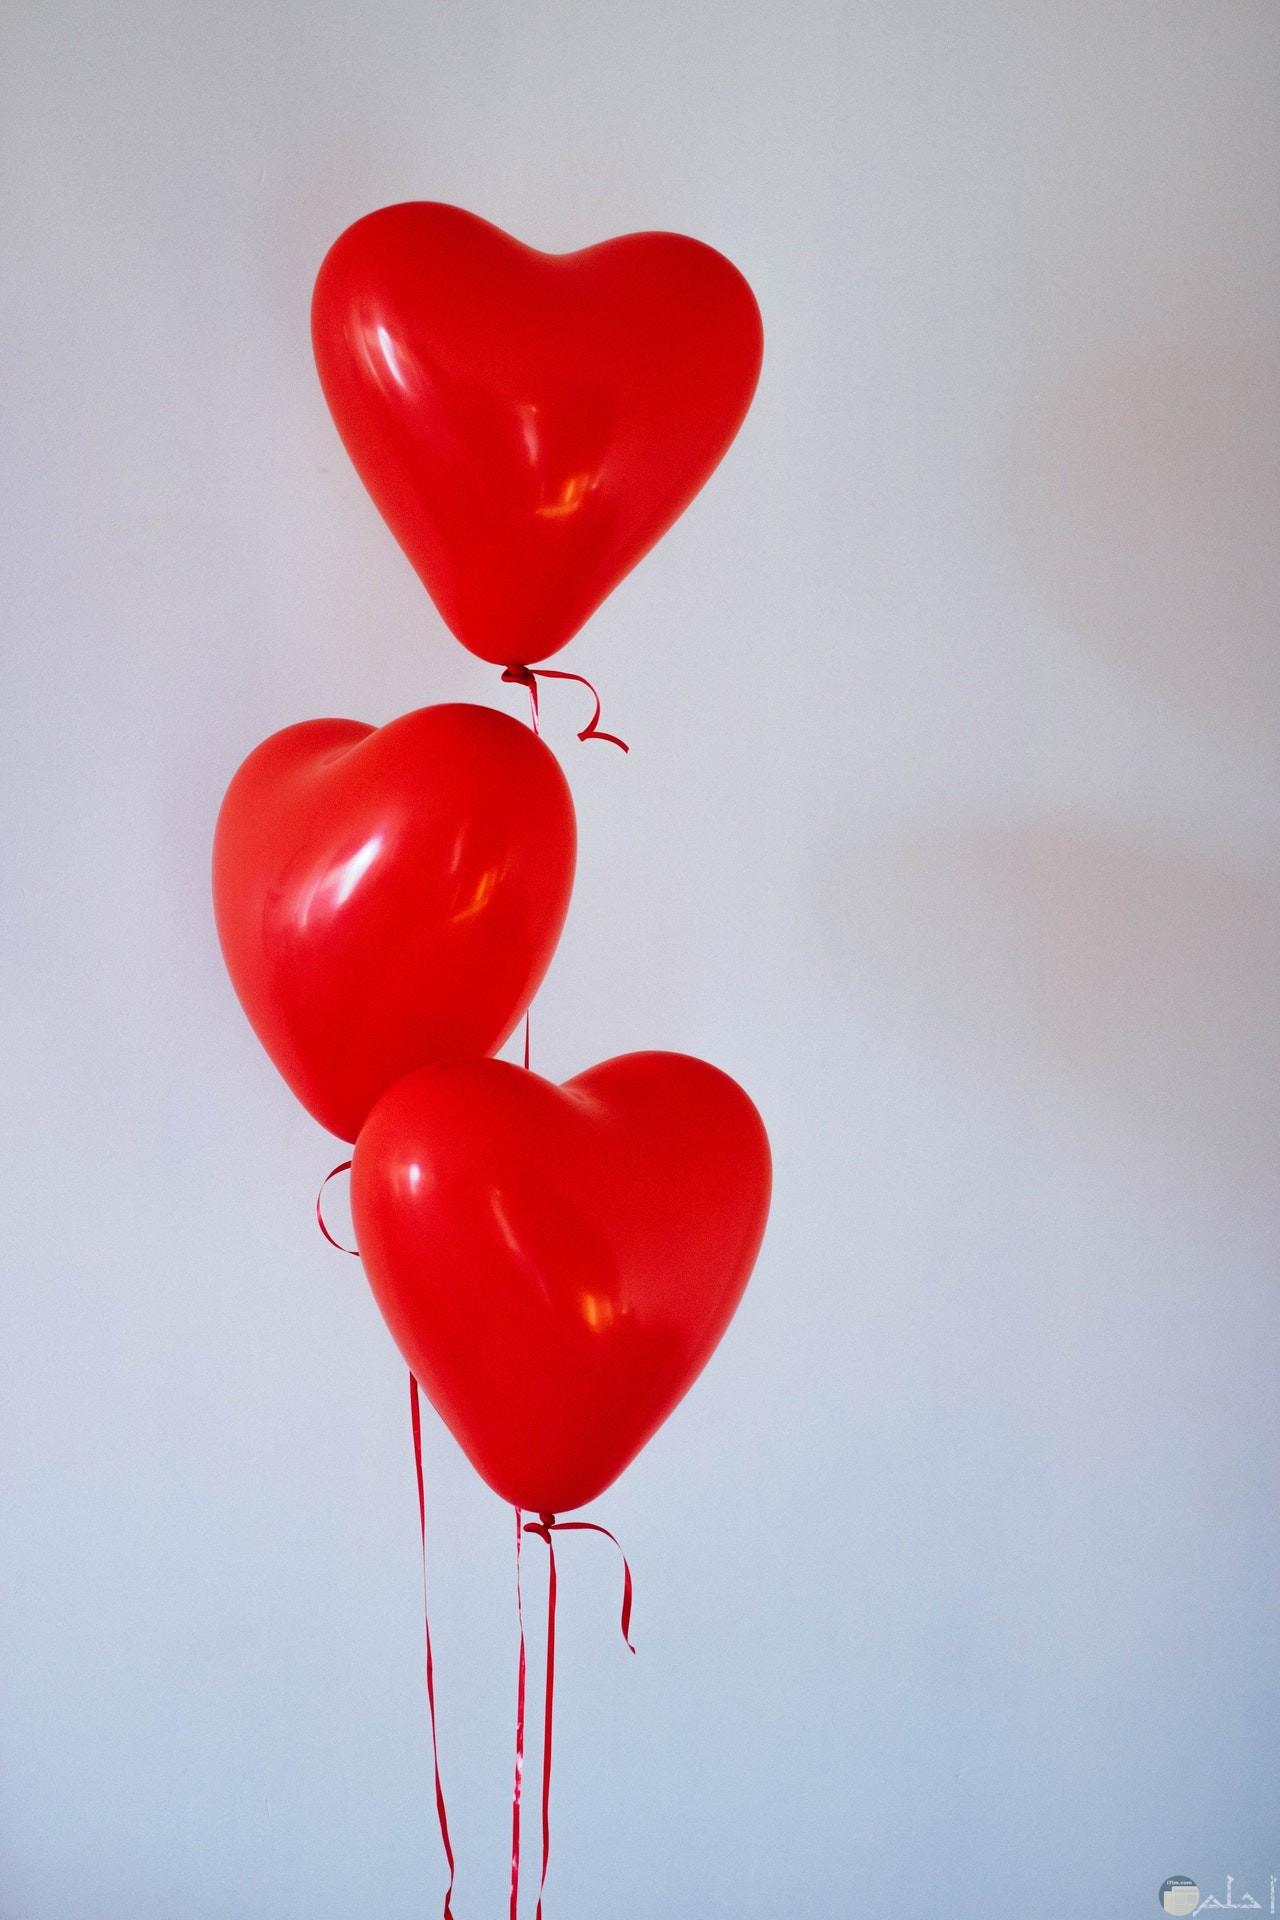 صورة لقلوب حمراء جميلة علي شكل بالون